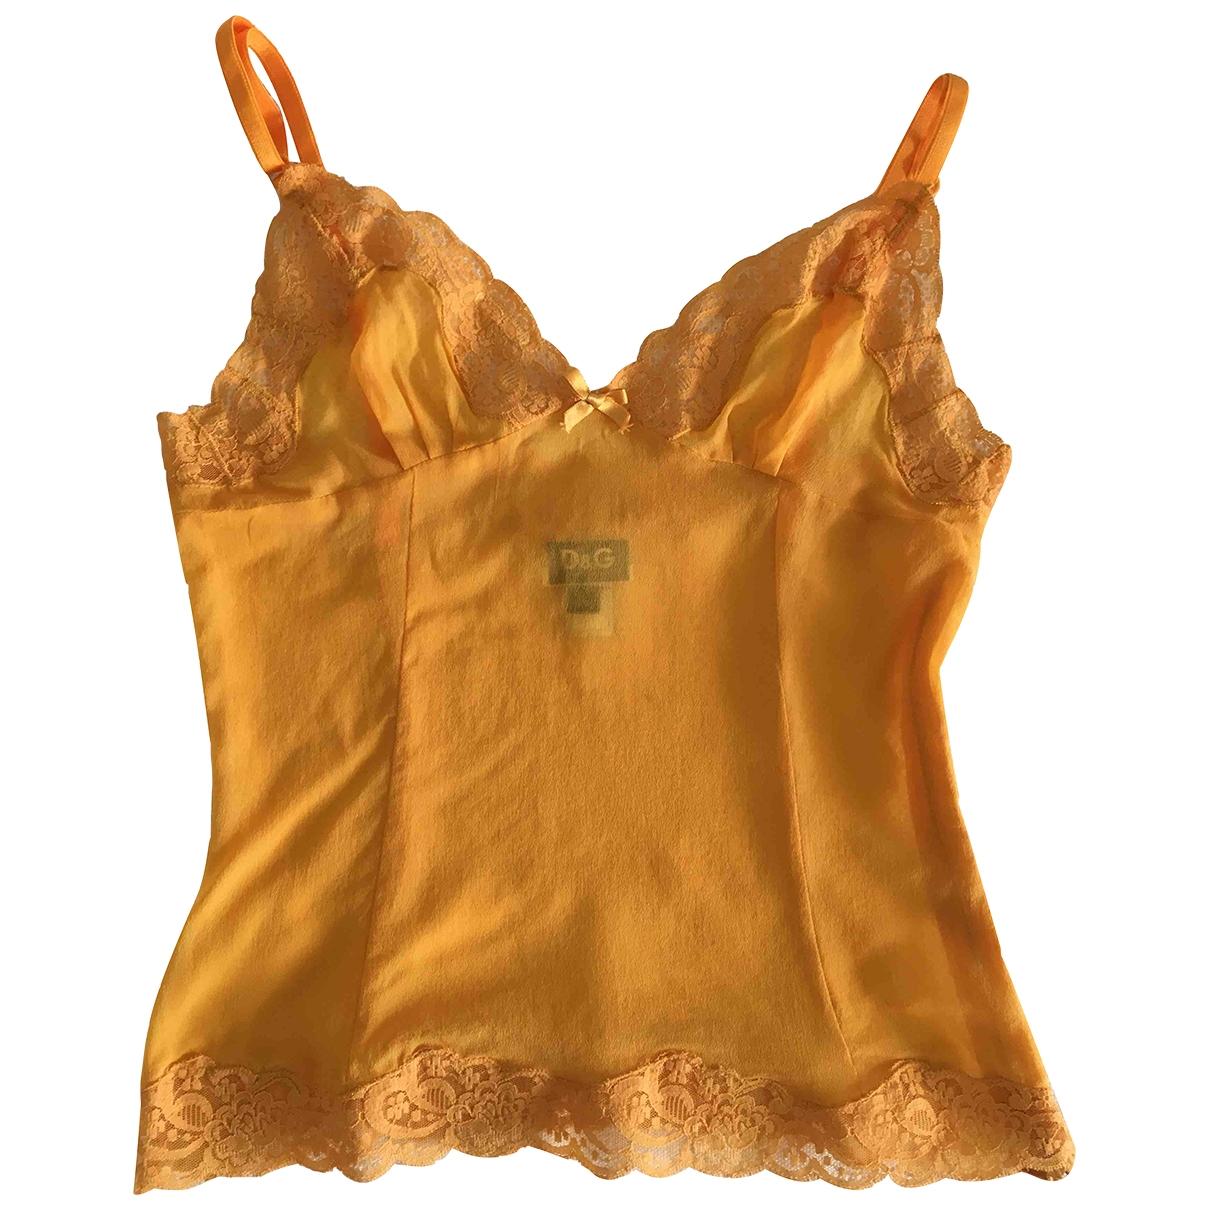 D&g - Top   pour femme en dentelle - jaune